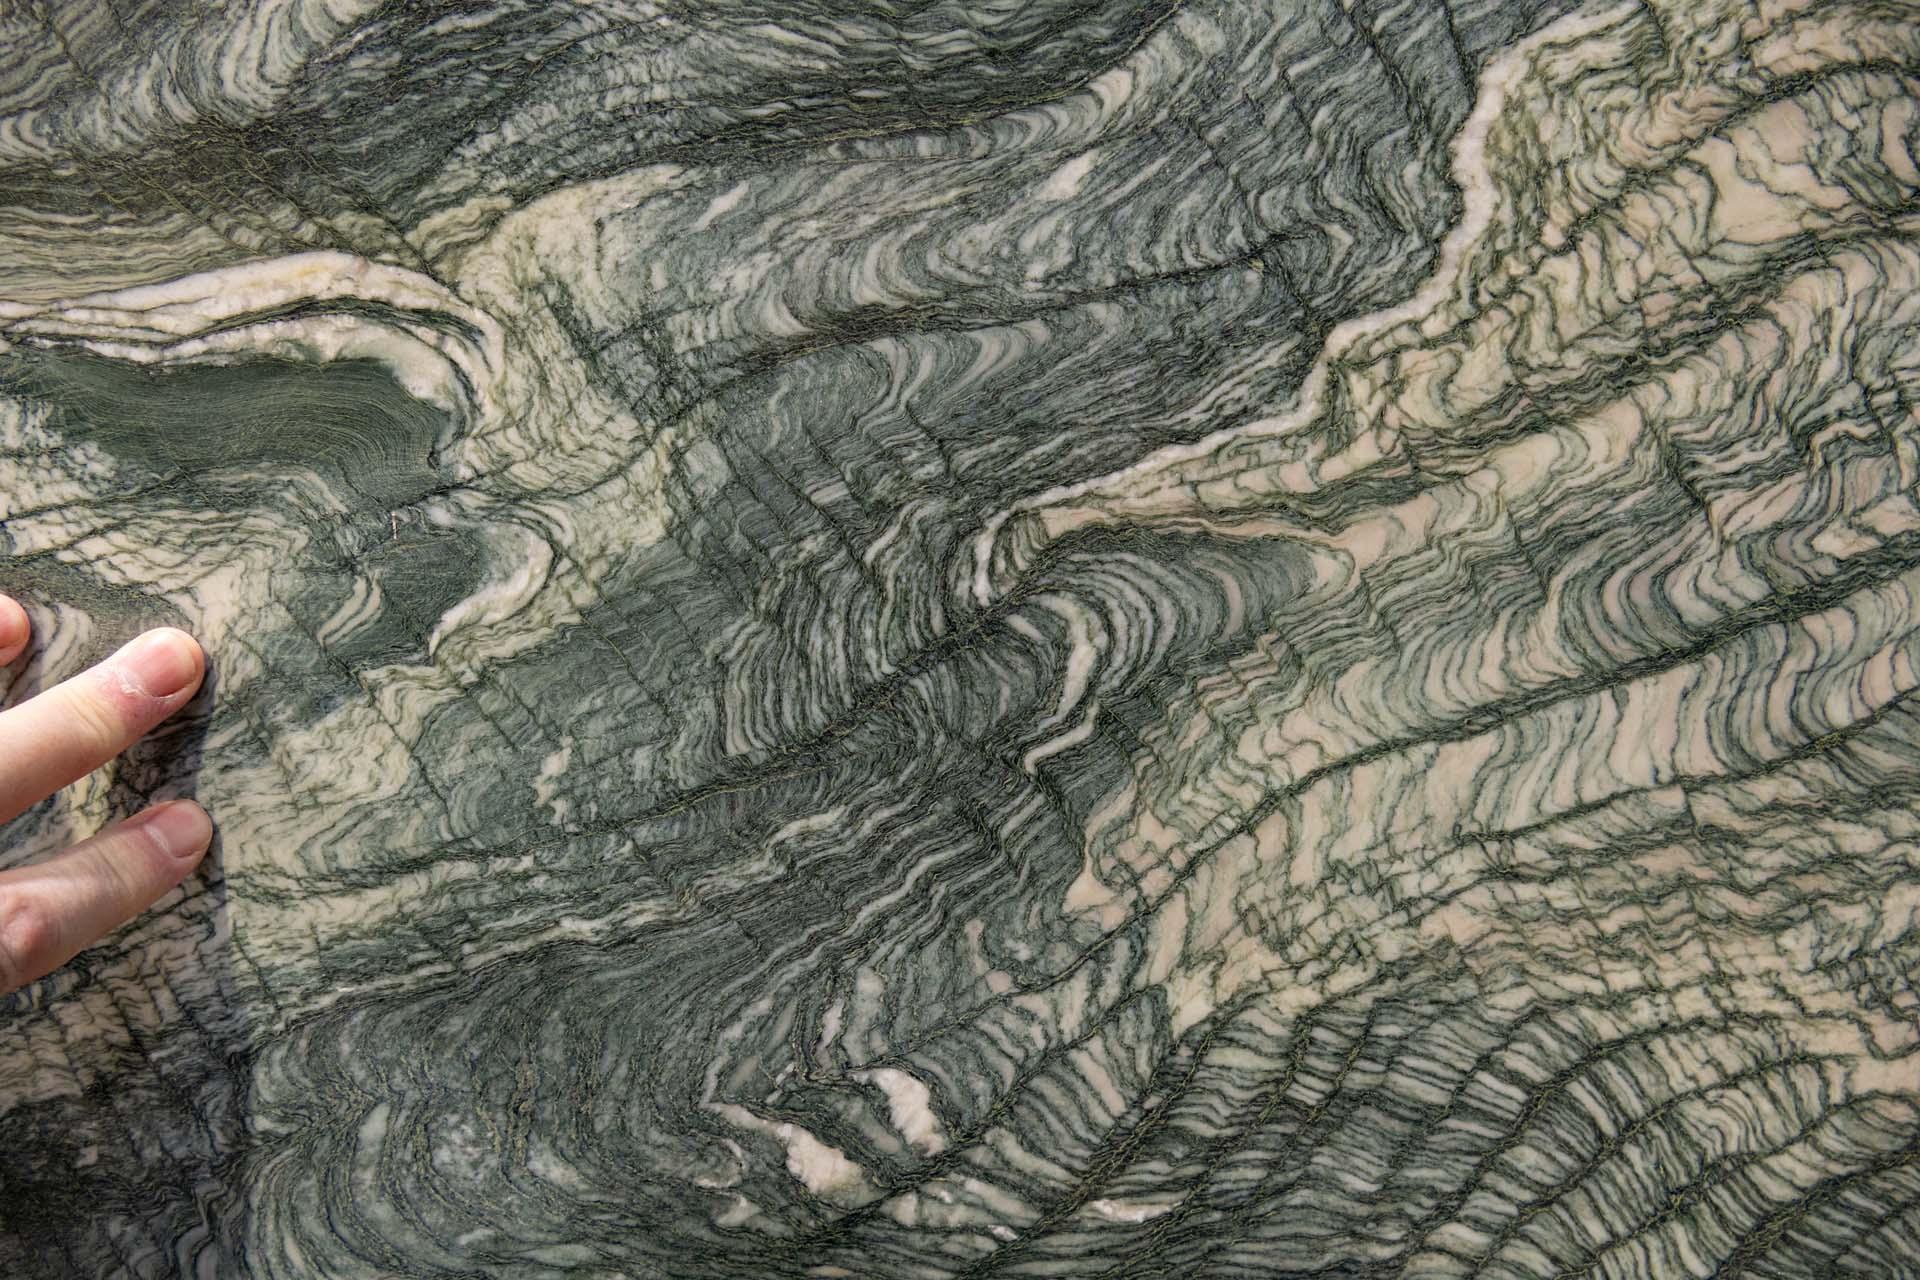 Verde Luana Marble CU200929 38822 160417 a